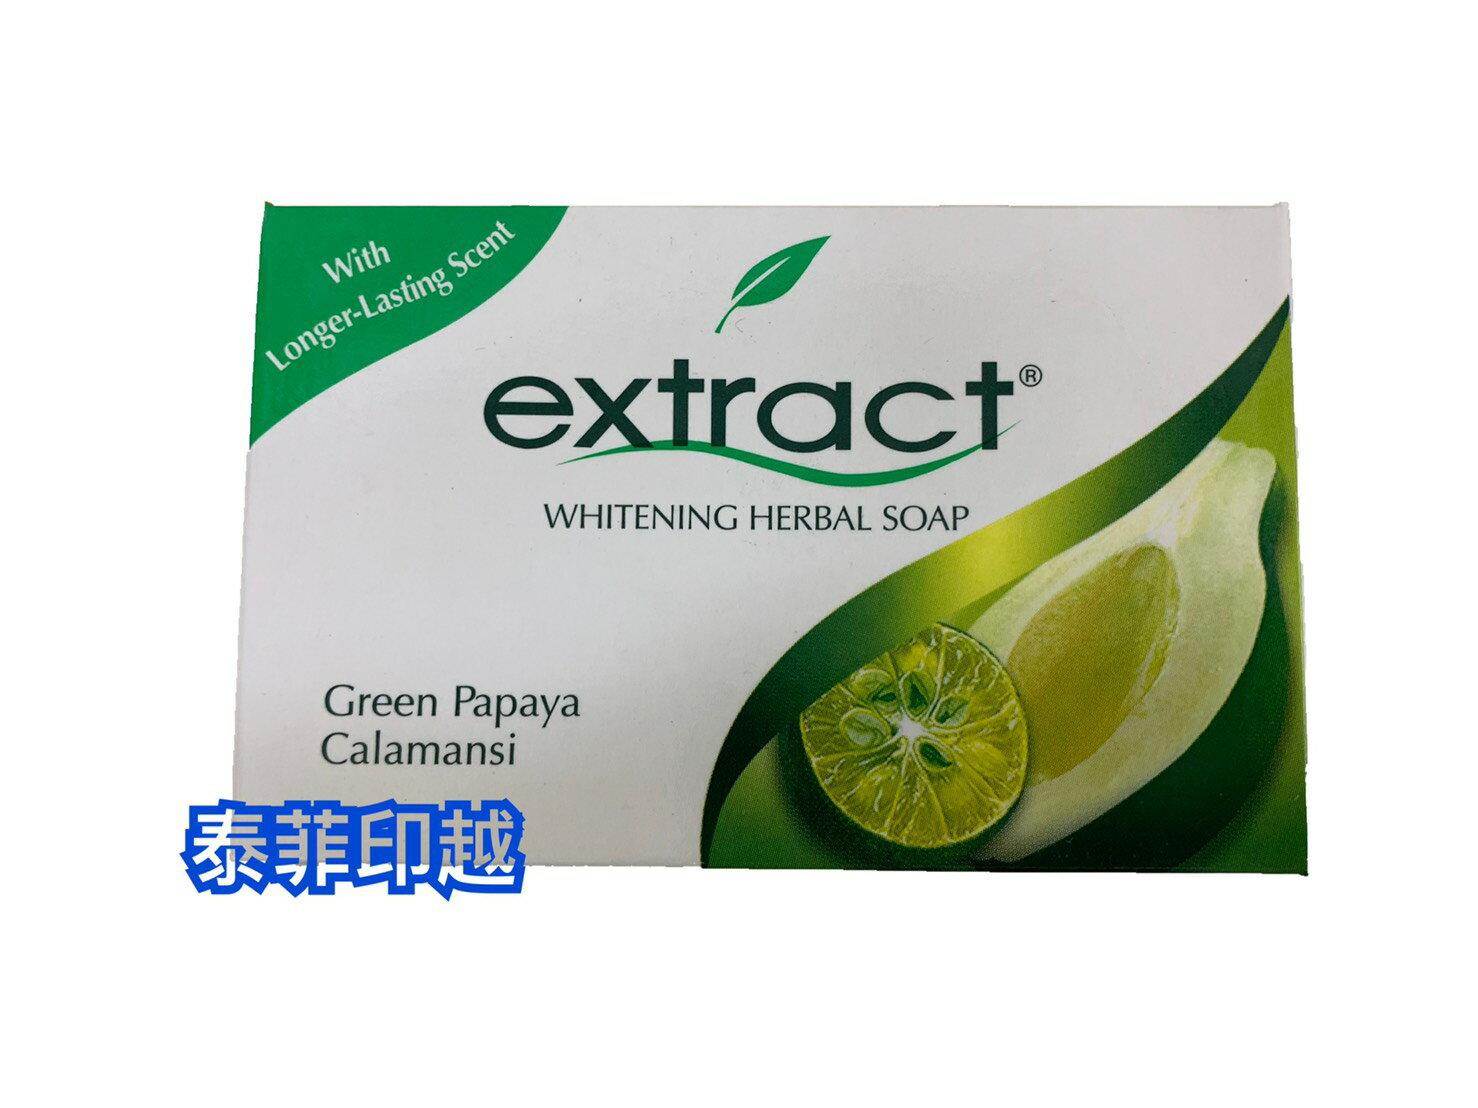 {泰菲印越} 菲律賓 extract 青木瓜香皂 青木瓜 GREEN PAPAYA CALCMANSI 香皂 125克